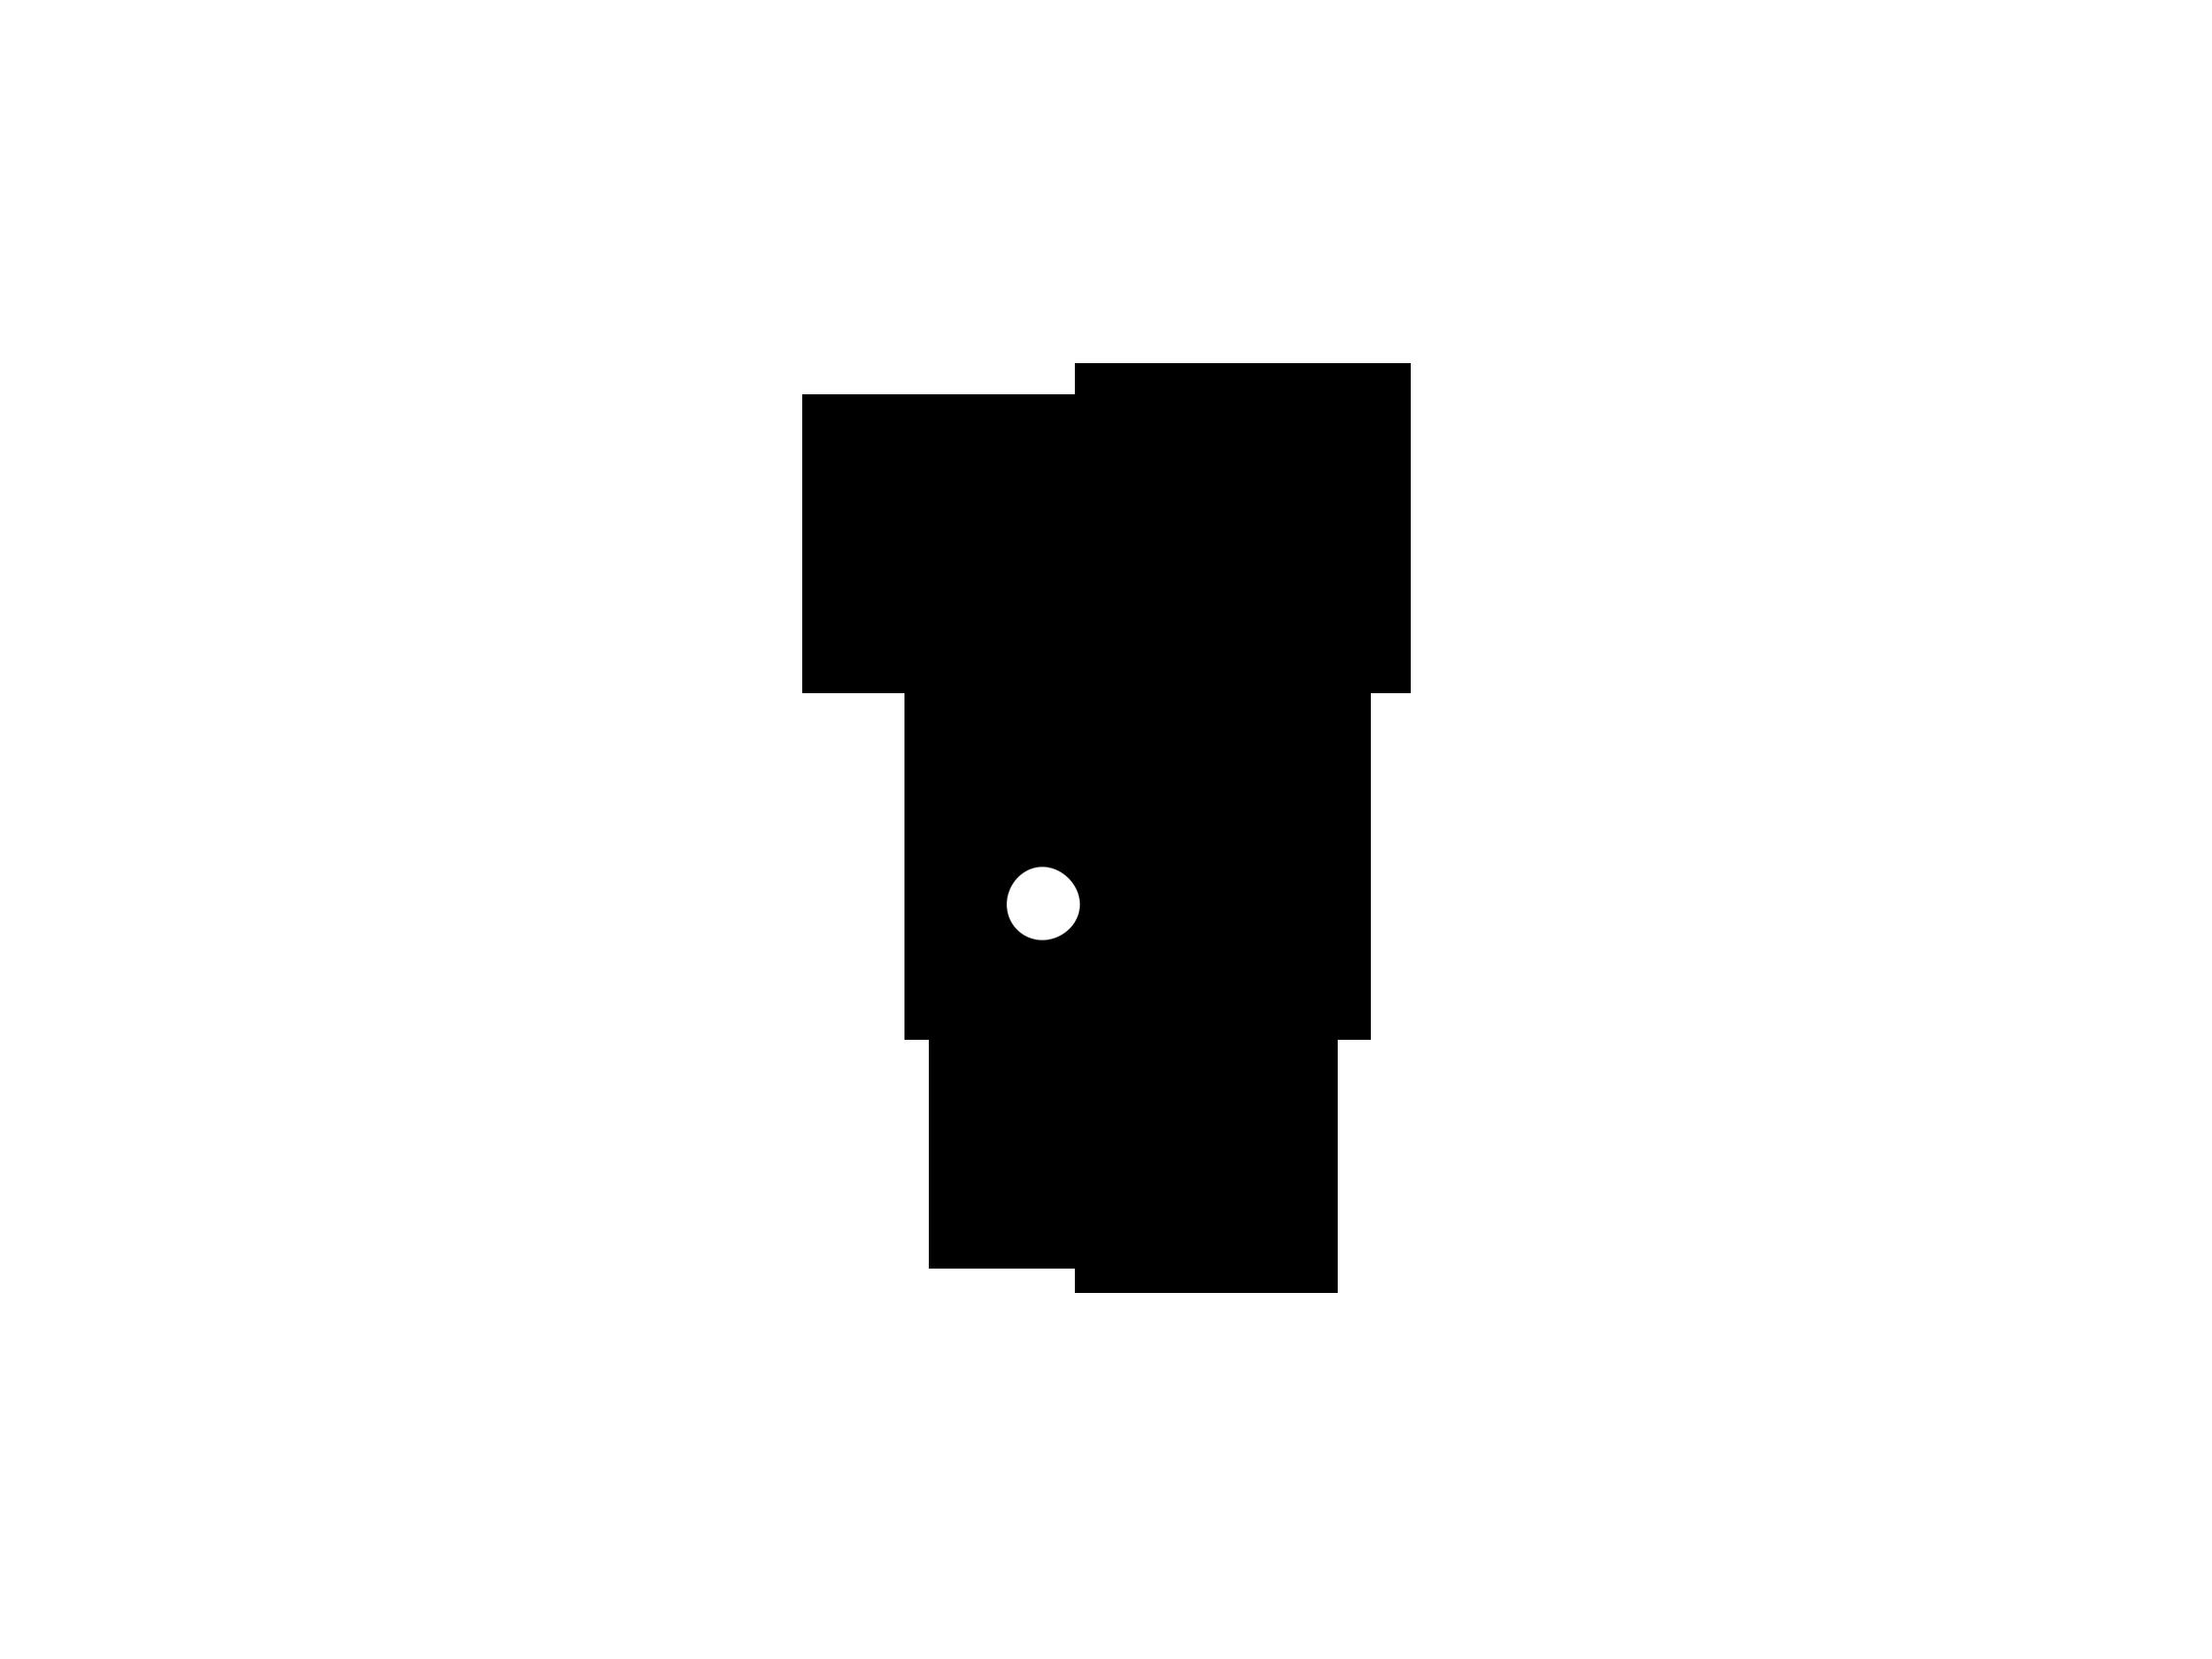 Playboy_logo.png